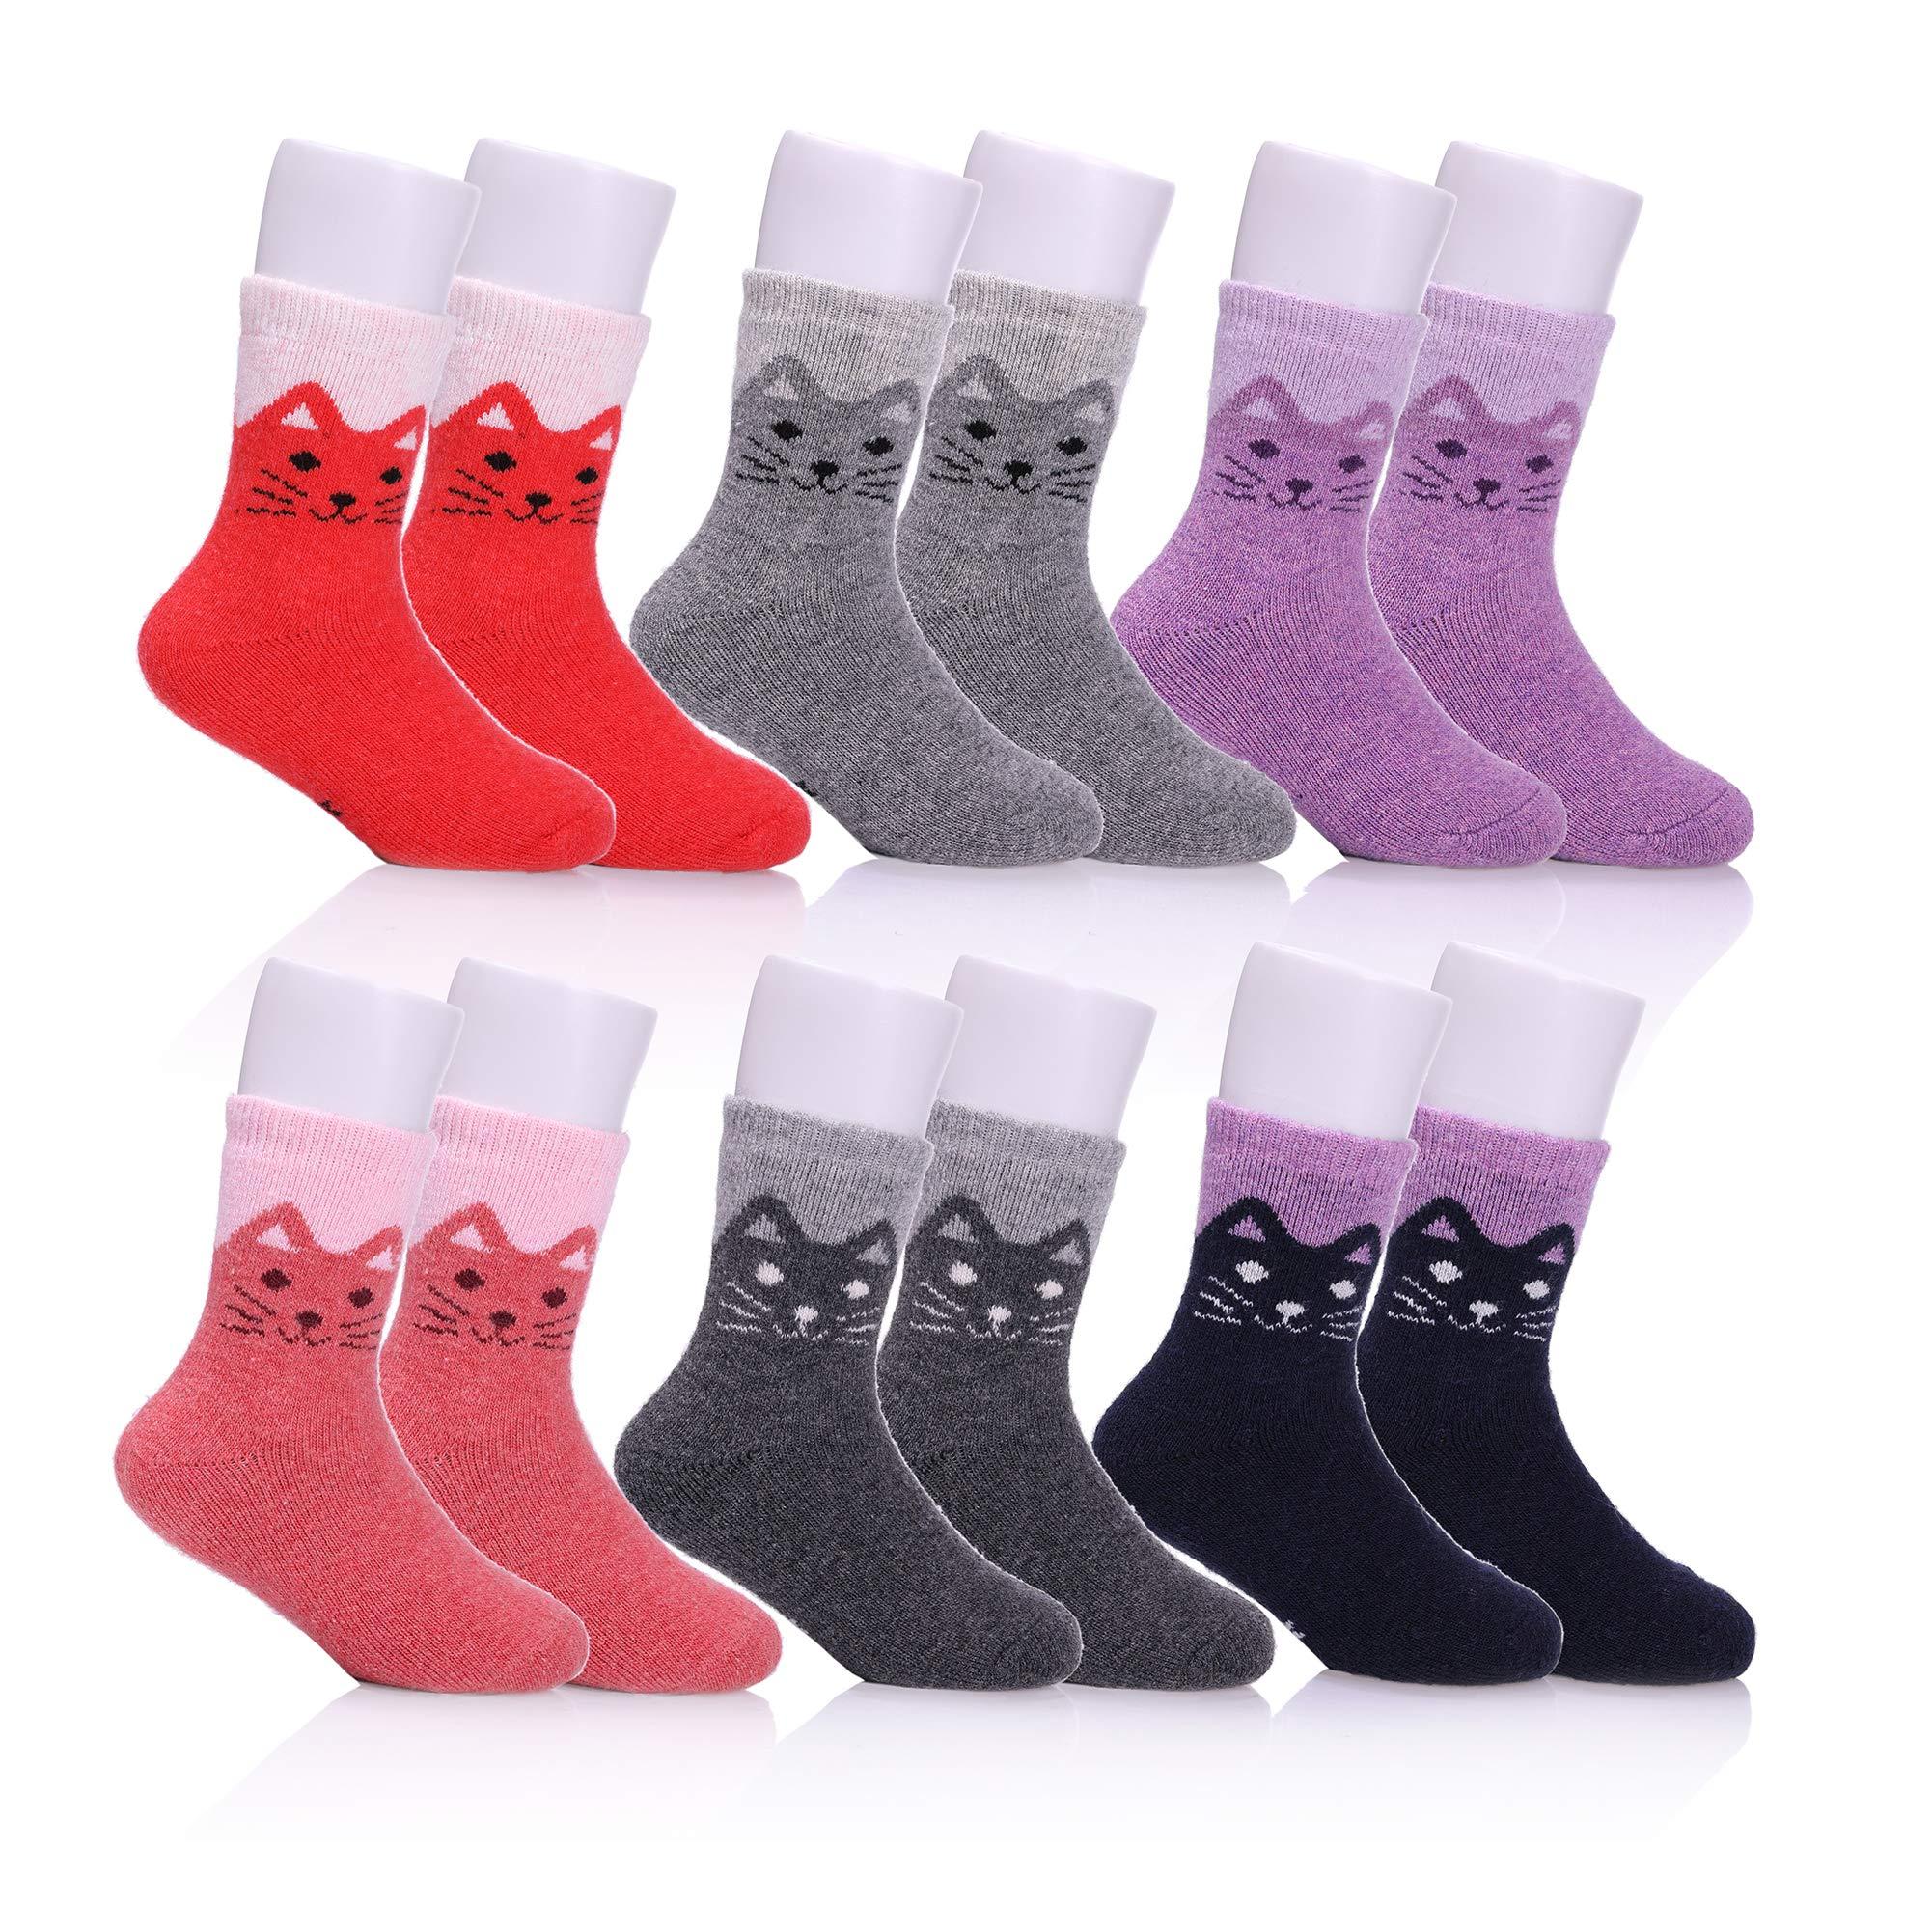 NOVCO Children's Winter Warm Wool Socks Kids Boys Girls Animal Socks 6 Pairs (6 Pairs Cat, 8-12 years)